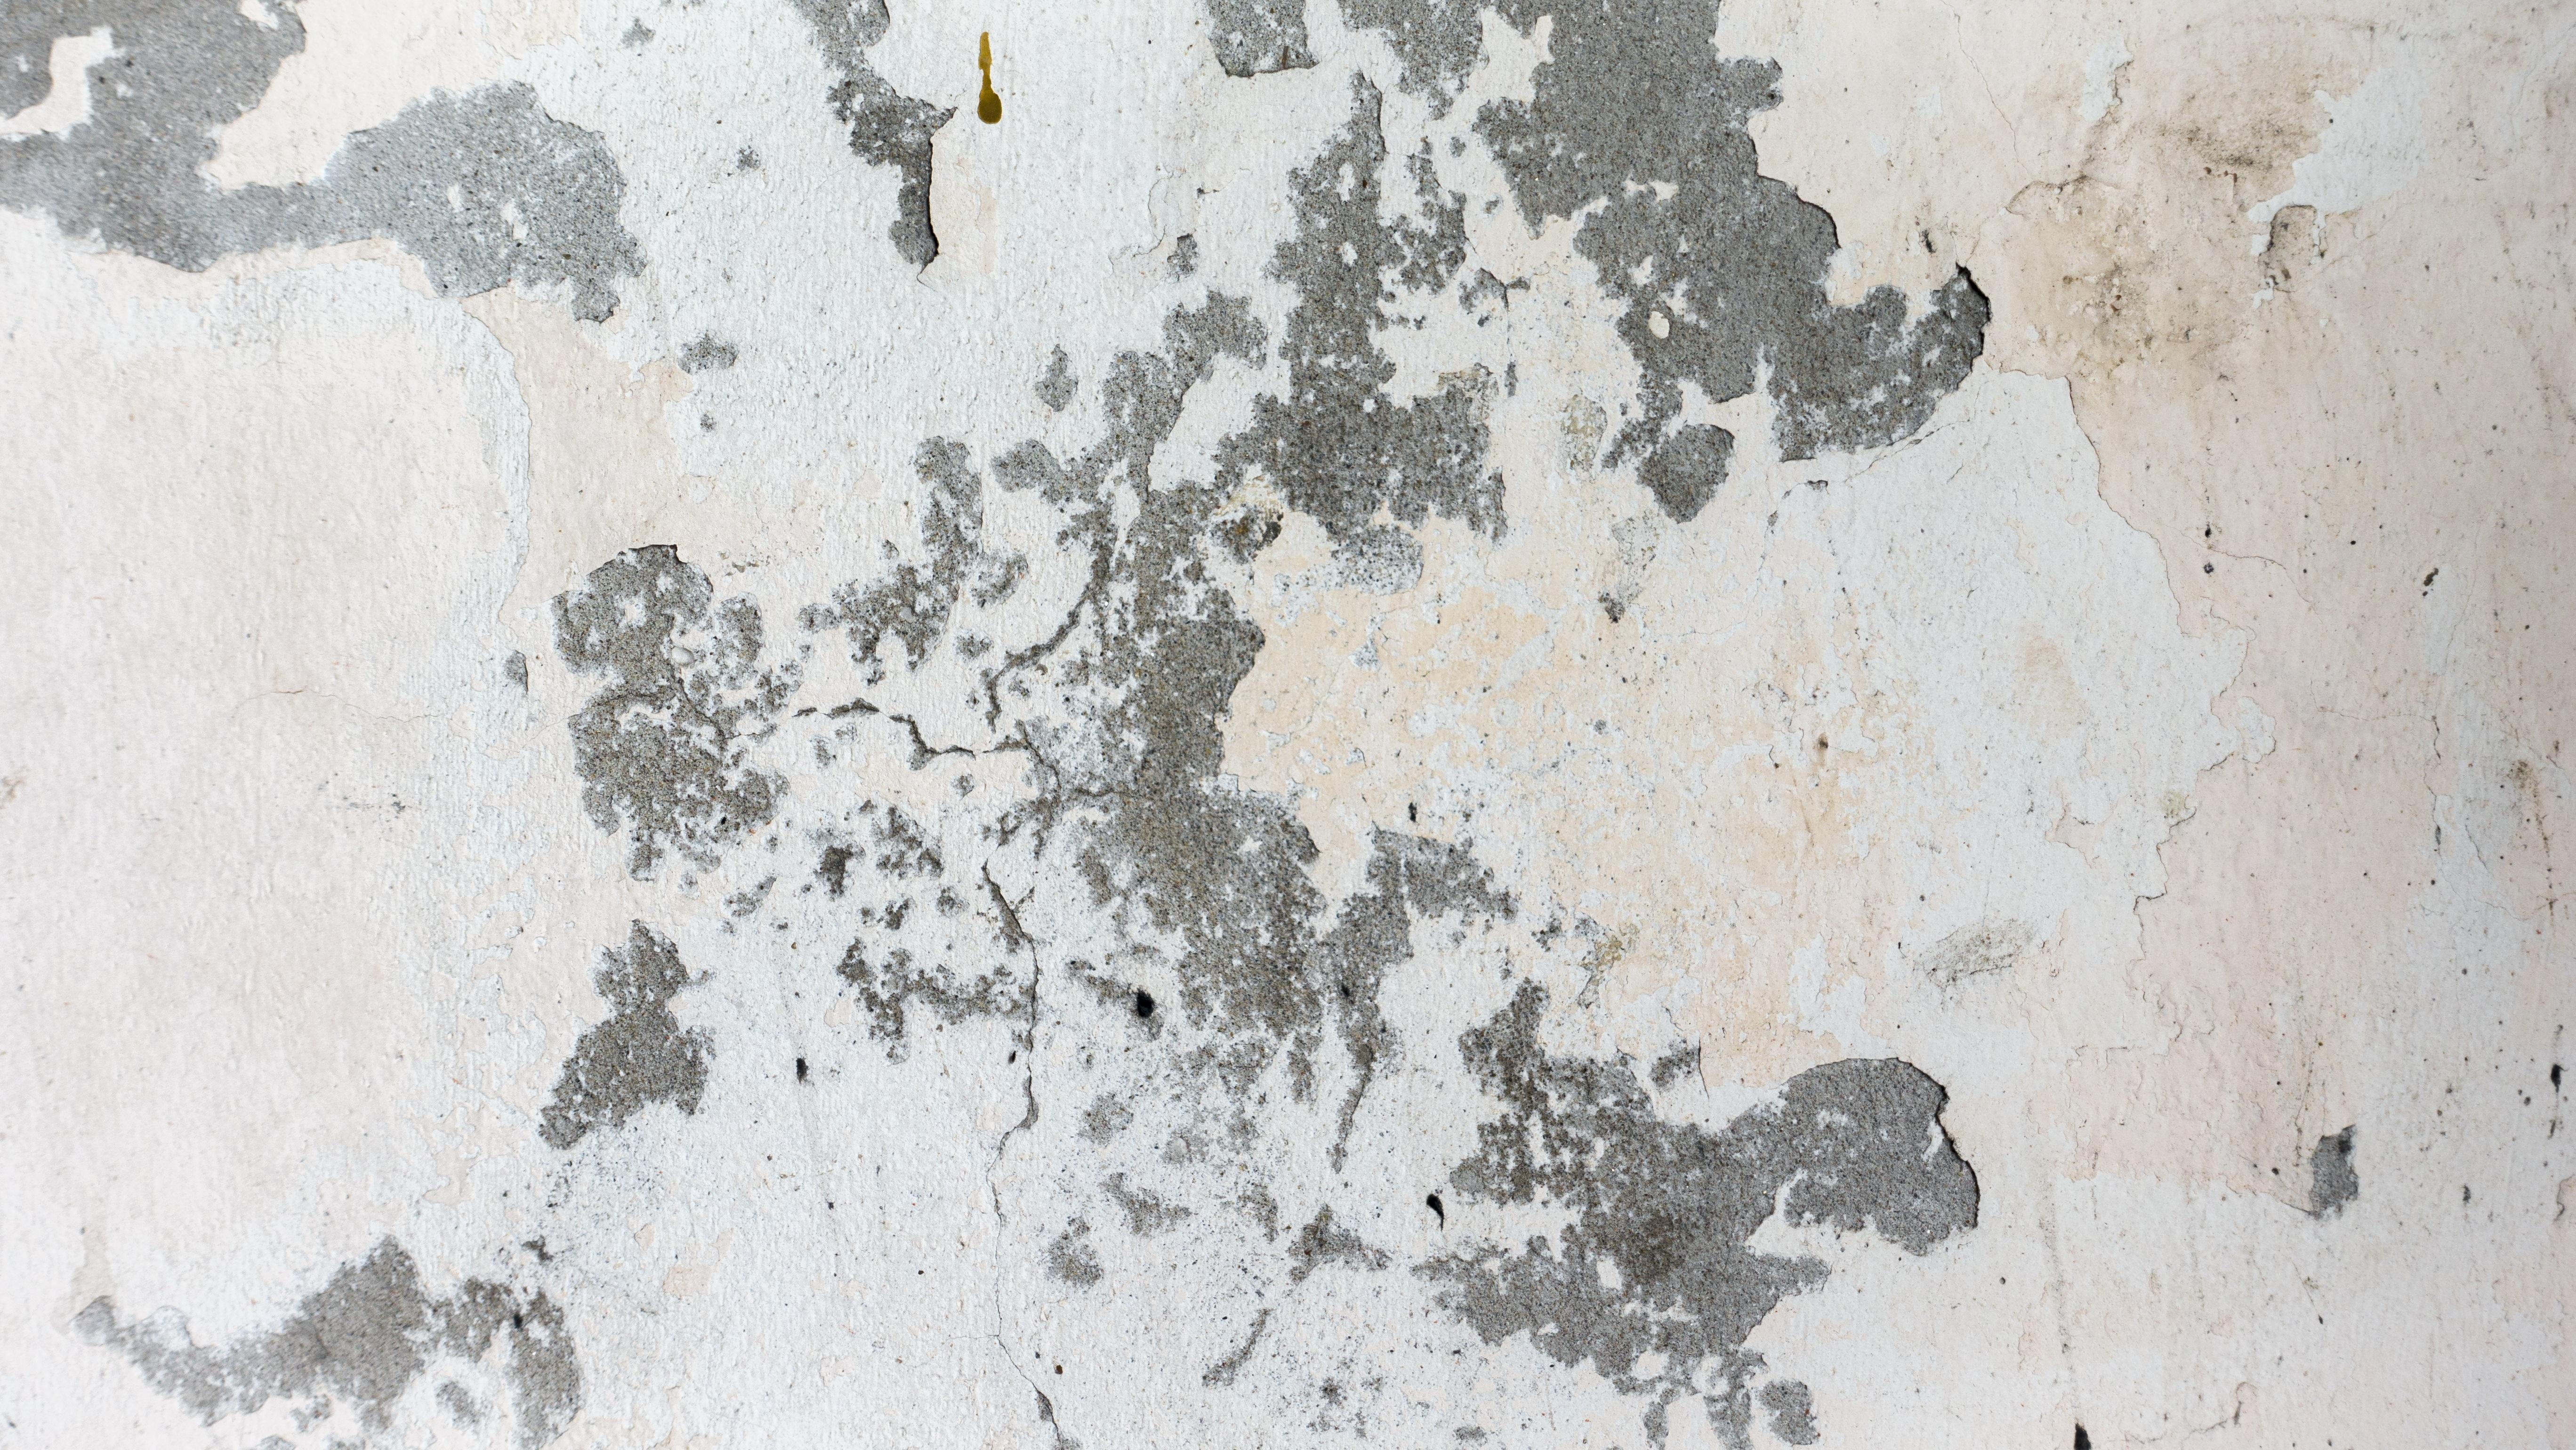 Texture Sol Mur Peindre Grunge Matériel Contexte Esquisser Dessin Plâtre